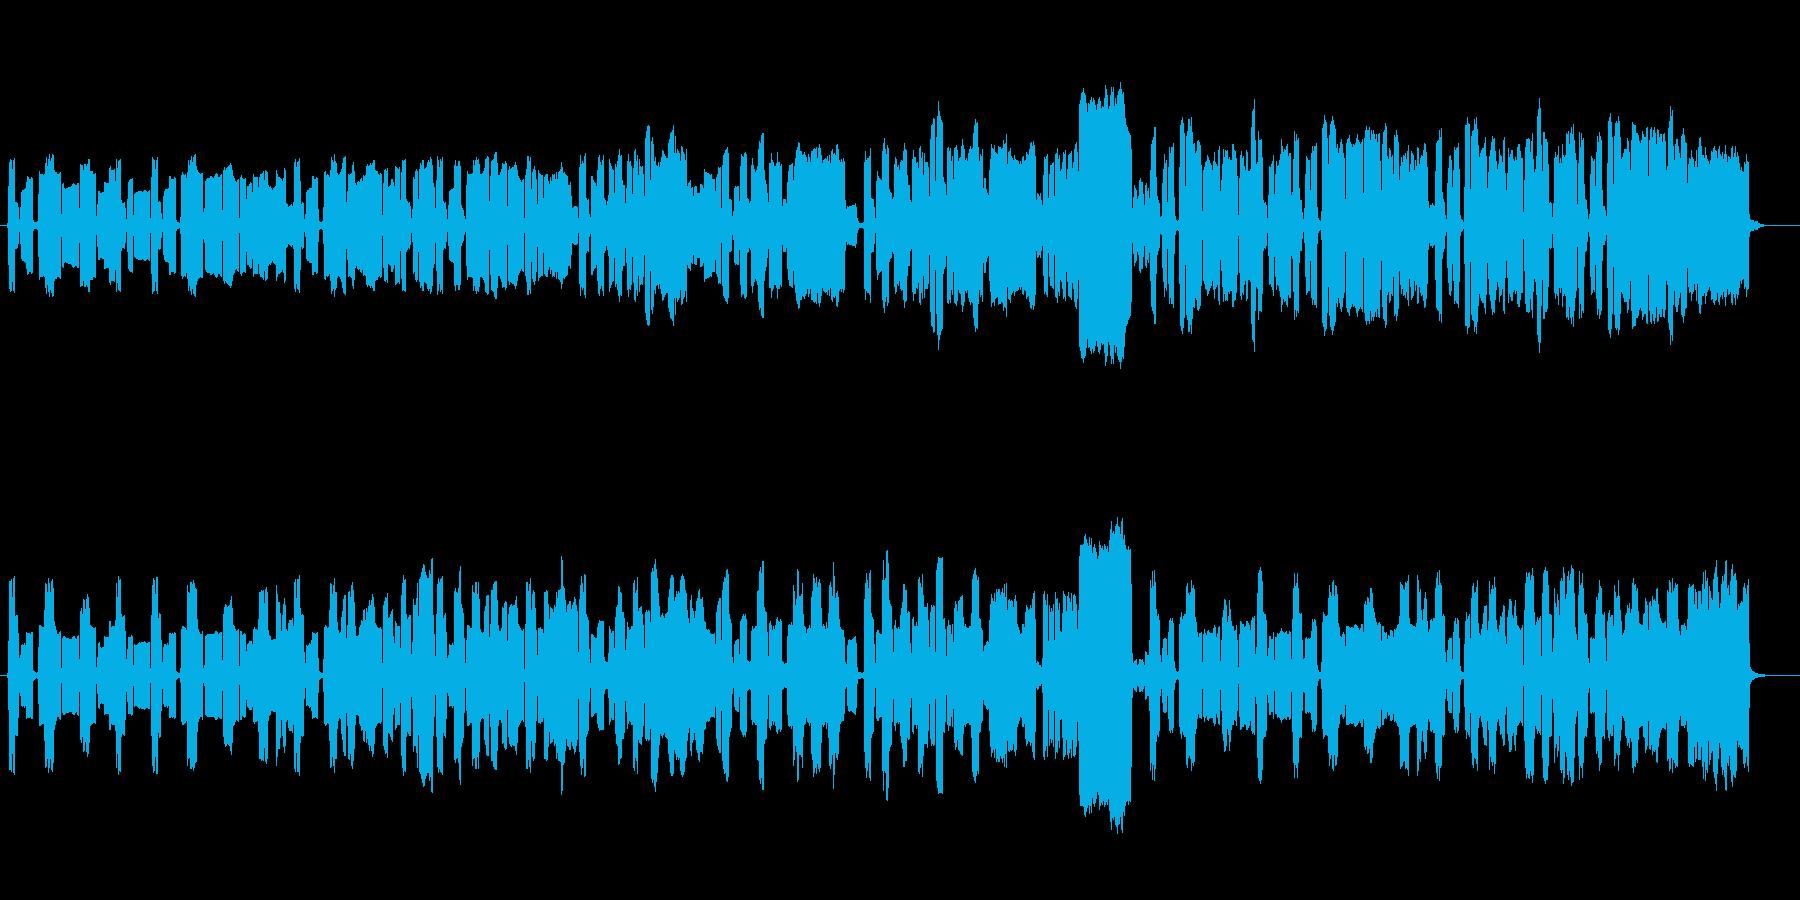 フルートクラリネットバスーン陽気な三重奏の再生済みの波形